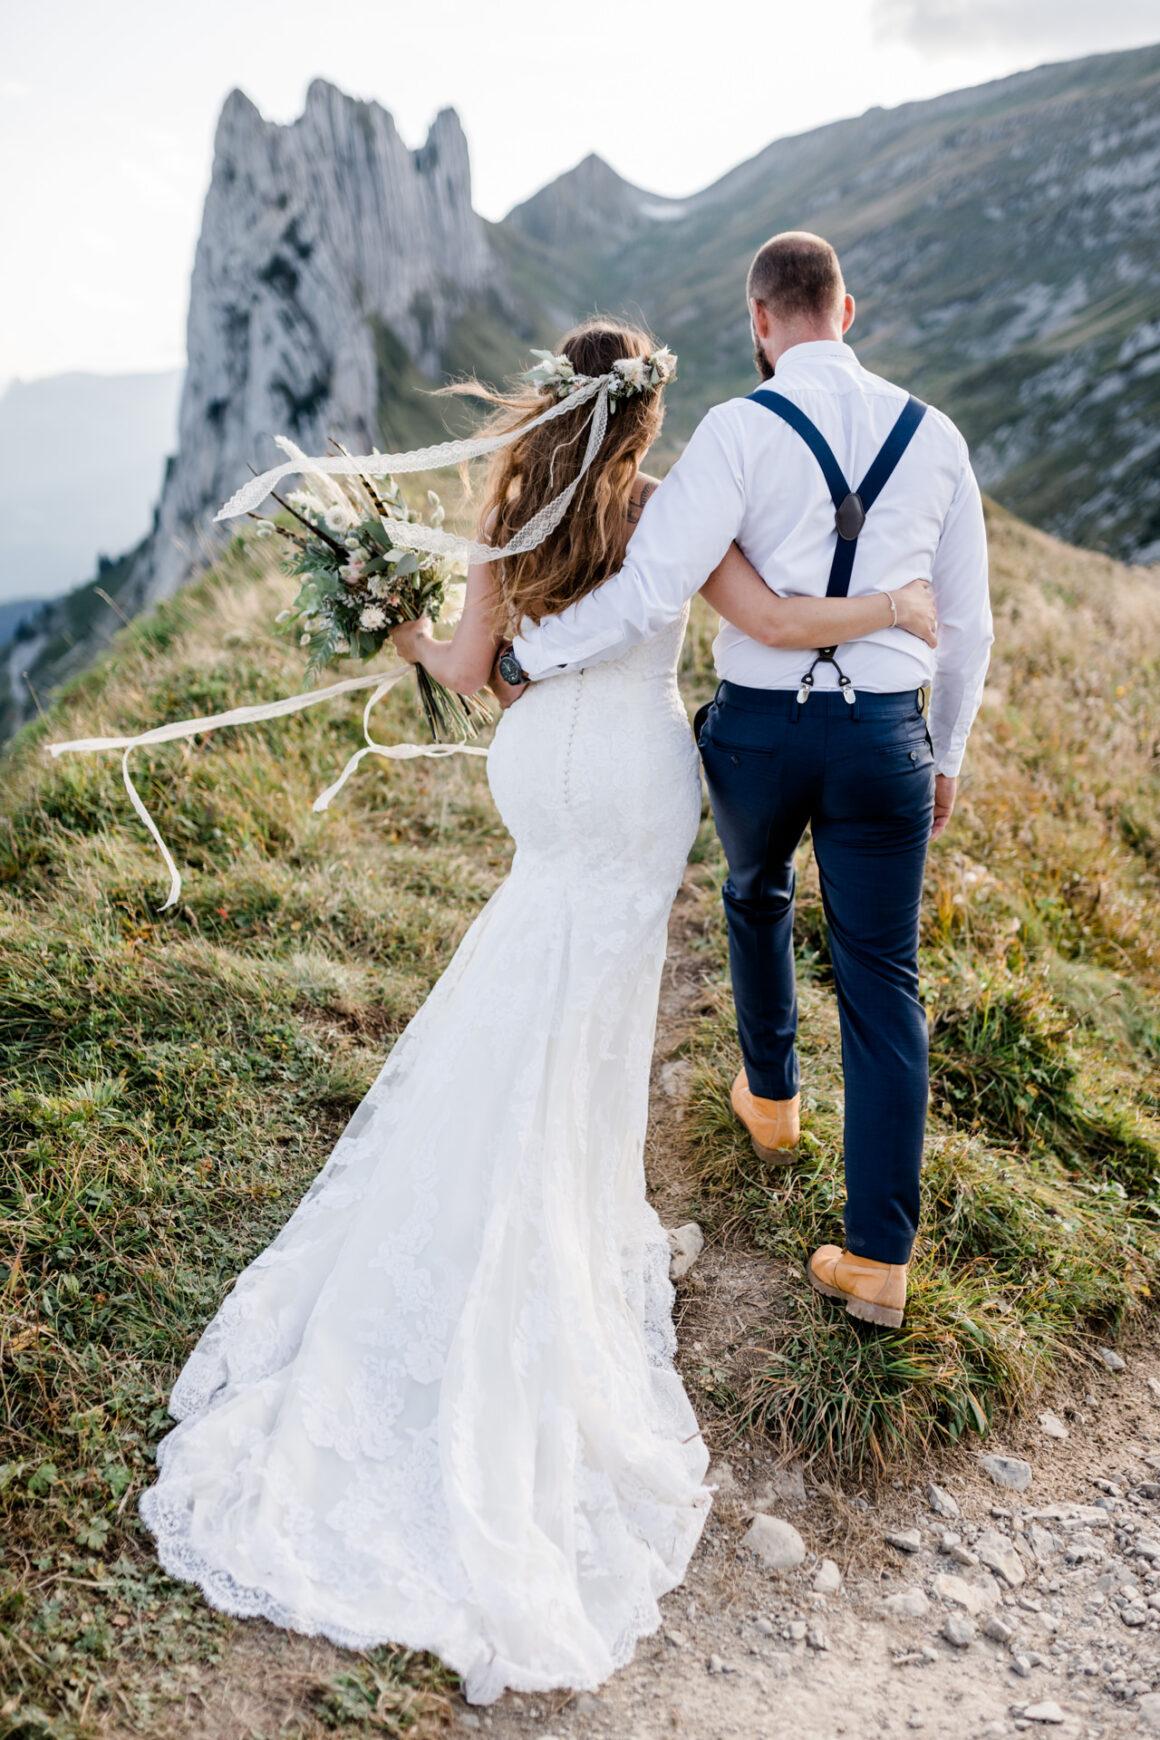 Brautpaar im Hochzeitskleid und im Hochzeitsanzug mit Brautstrauss während einem After-Wedding Shooting in den Schweizer Bergen